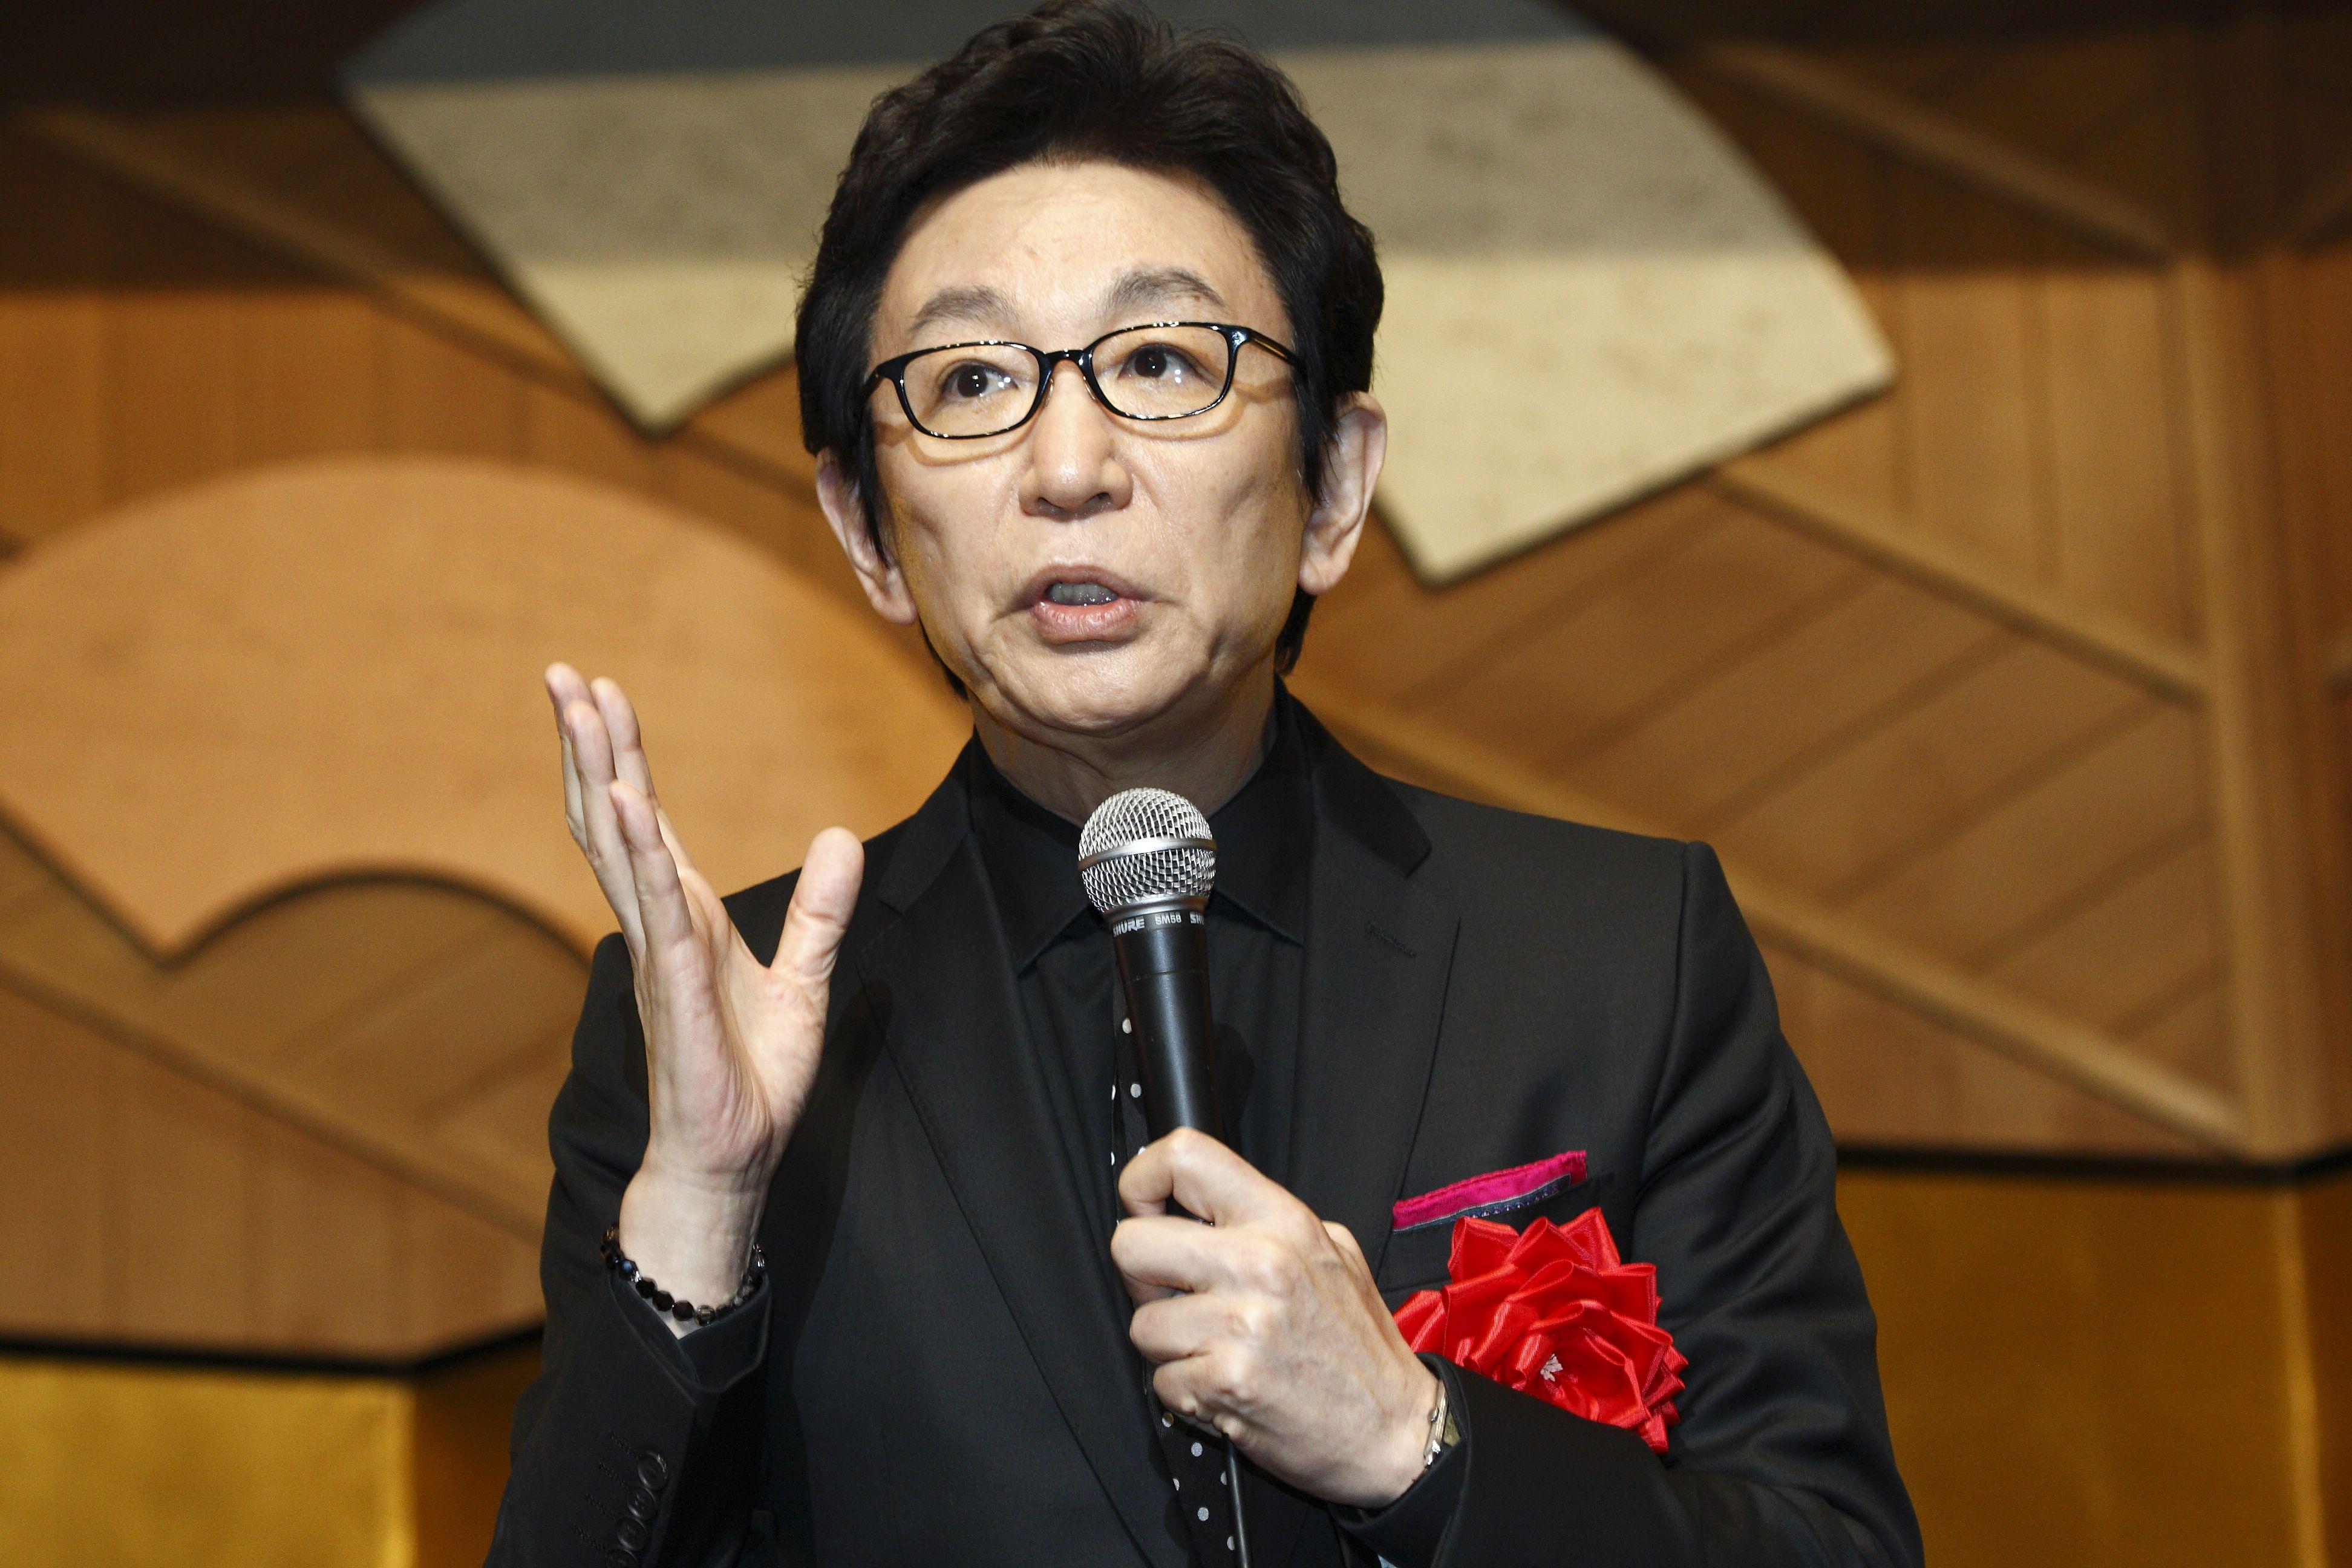 古舘伊知郎、草笛光子、笹野高史「ユーモア話」年末にちょっと笑えるスピーチの画像001